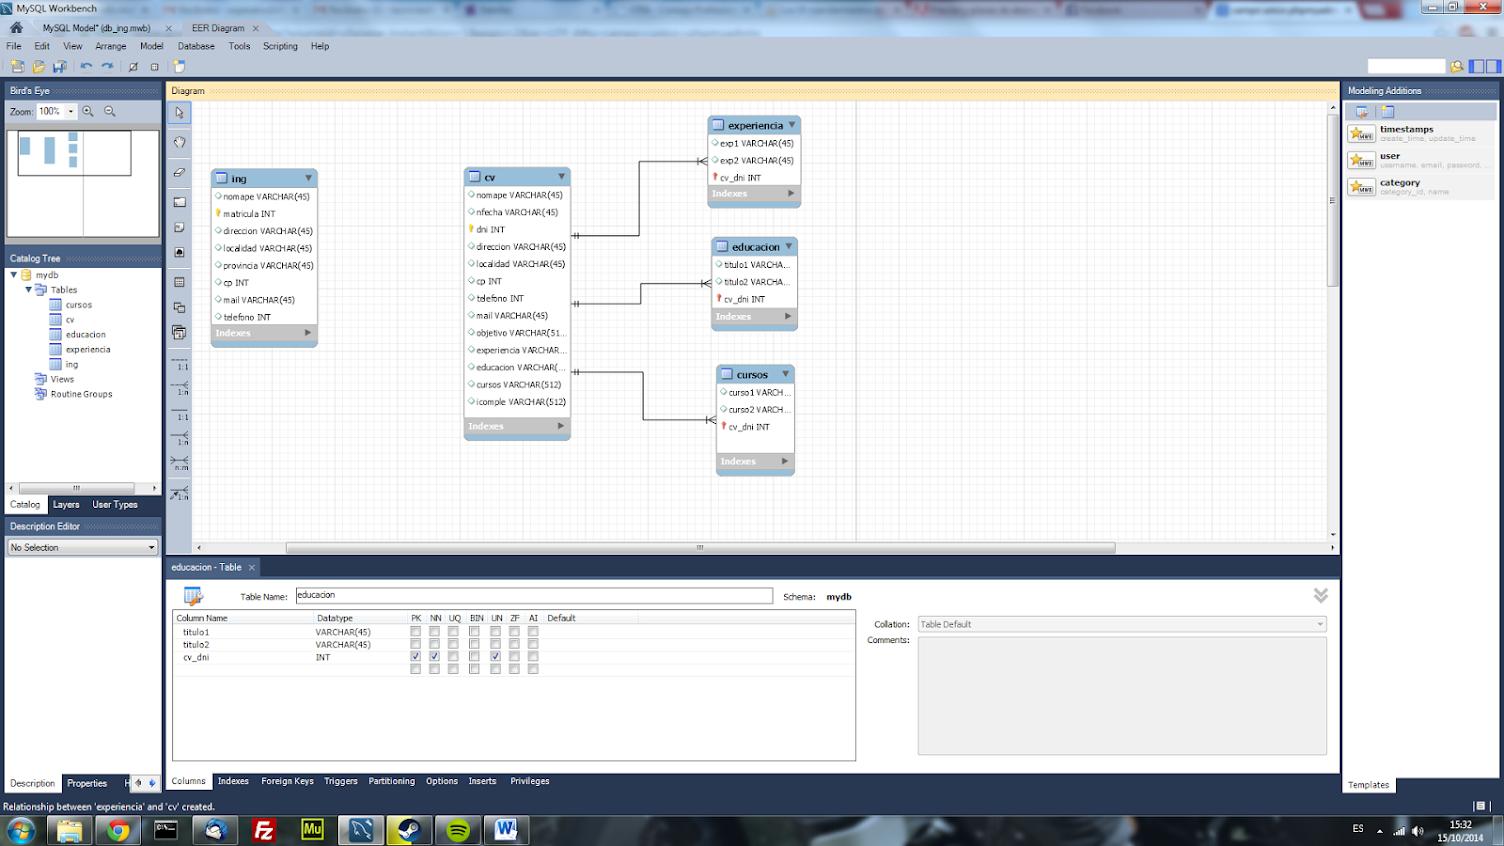 Base de datos para carga de cv - Foros del Web